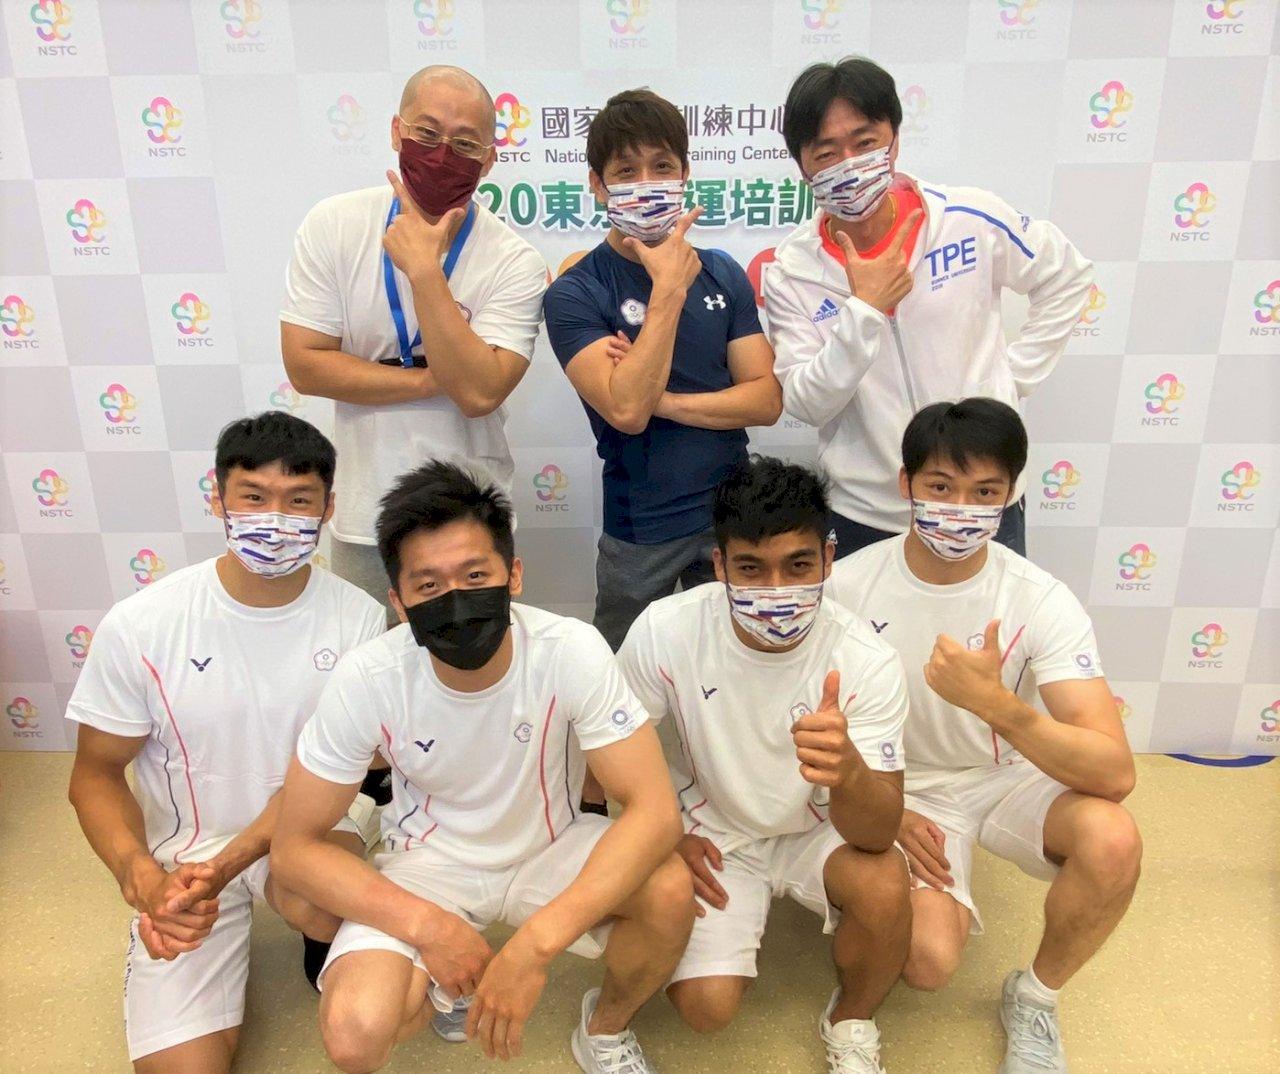 前進東奧/不再孤單1人!男子體操李智凱、唐嘉鴻領軍  團隊士氣高